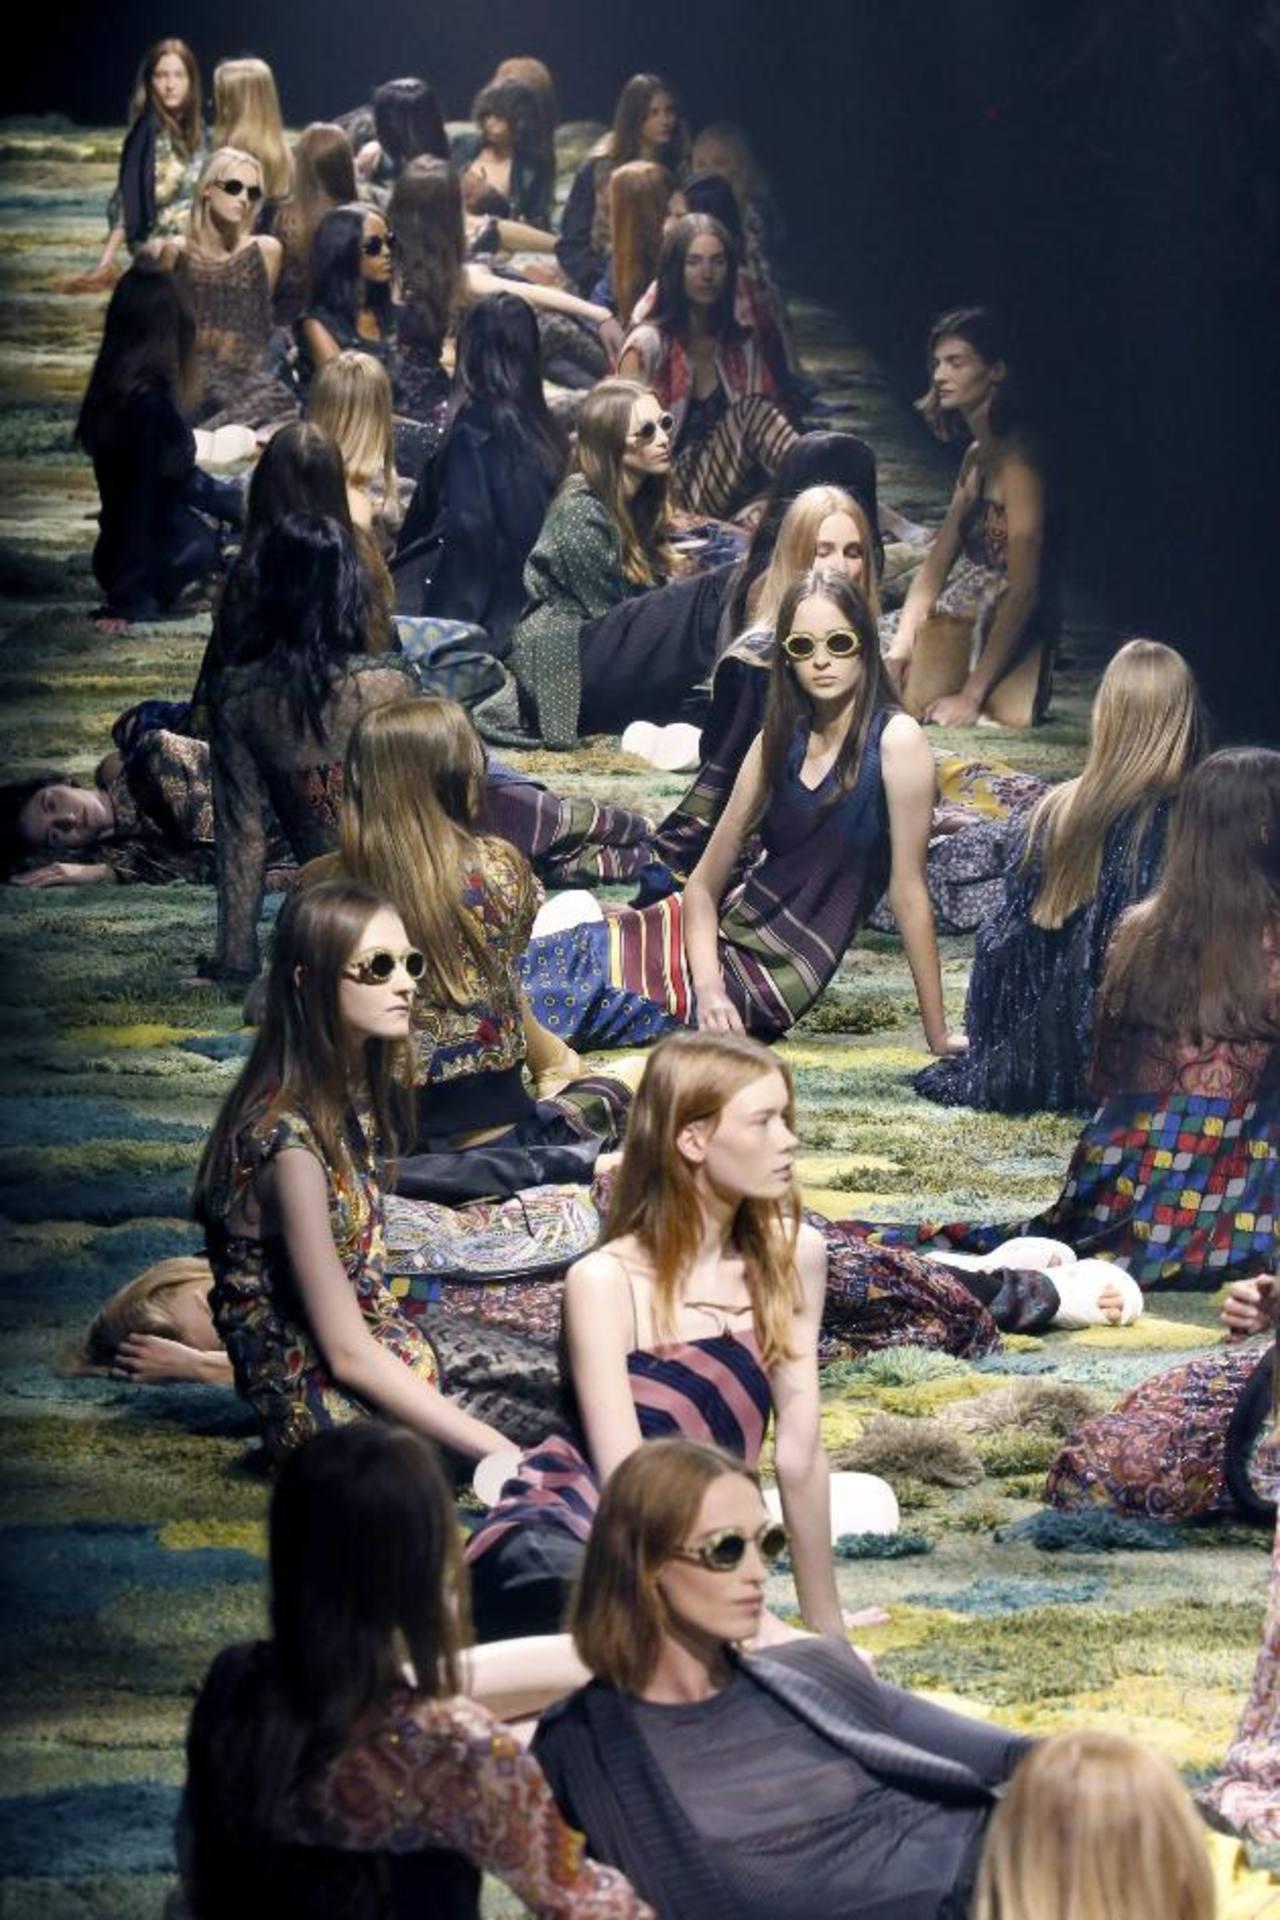 París propone una moda veraniega y cosmopolita